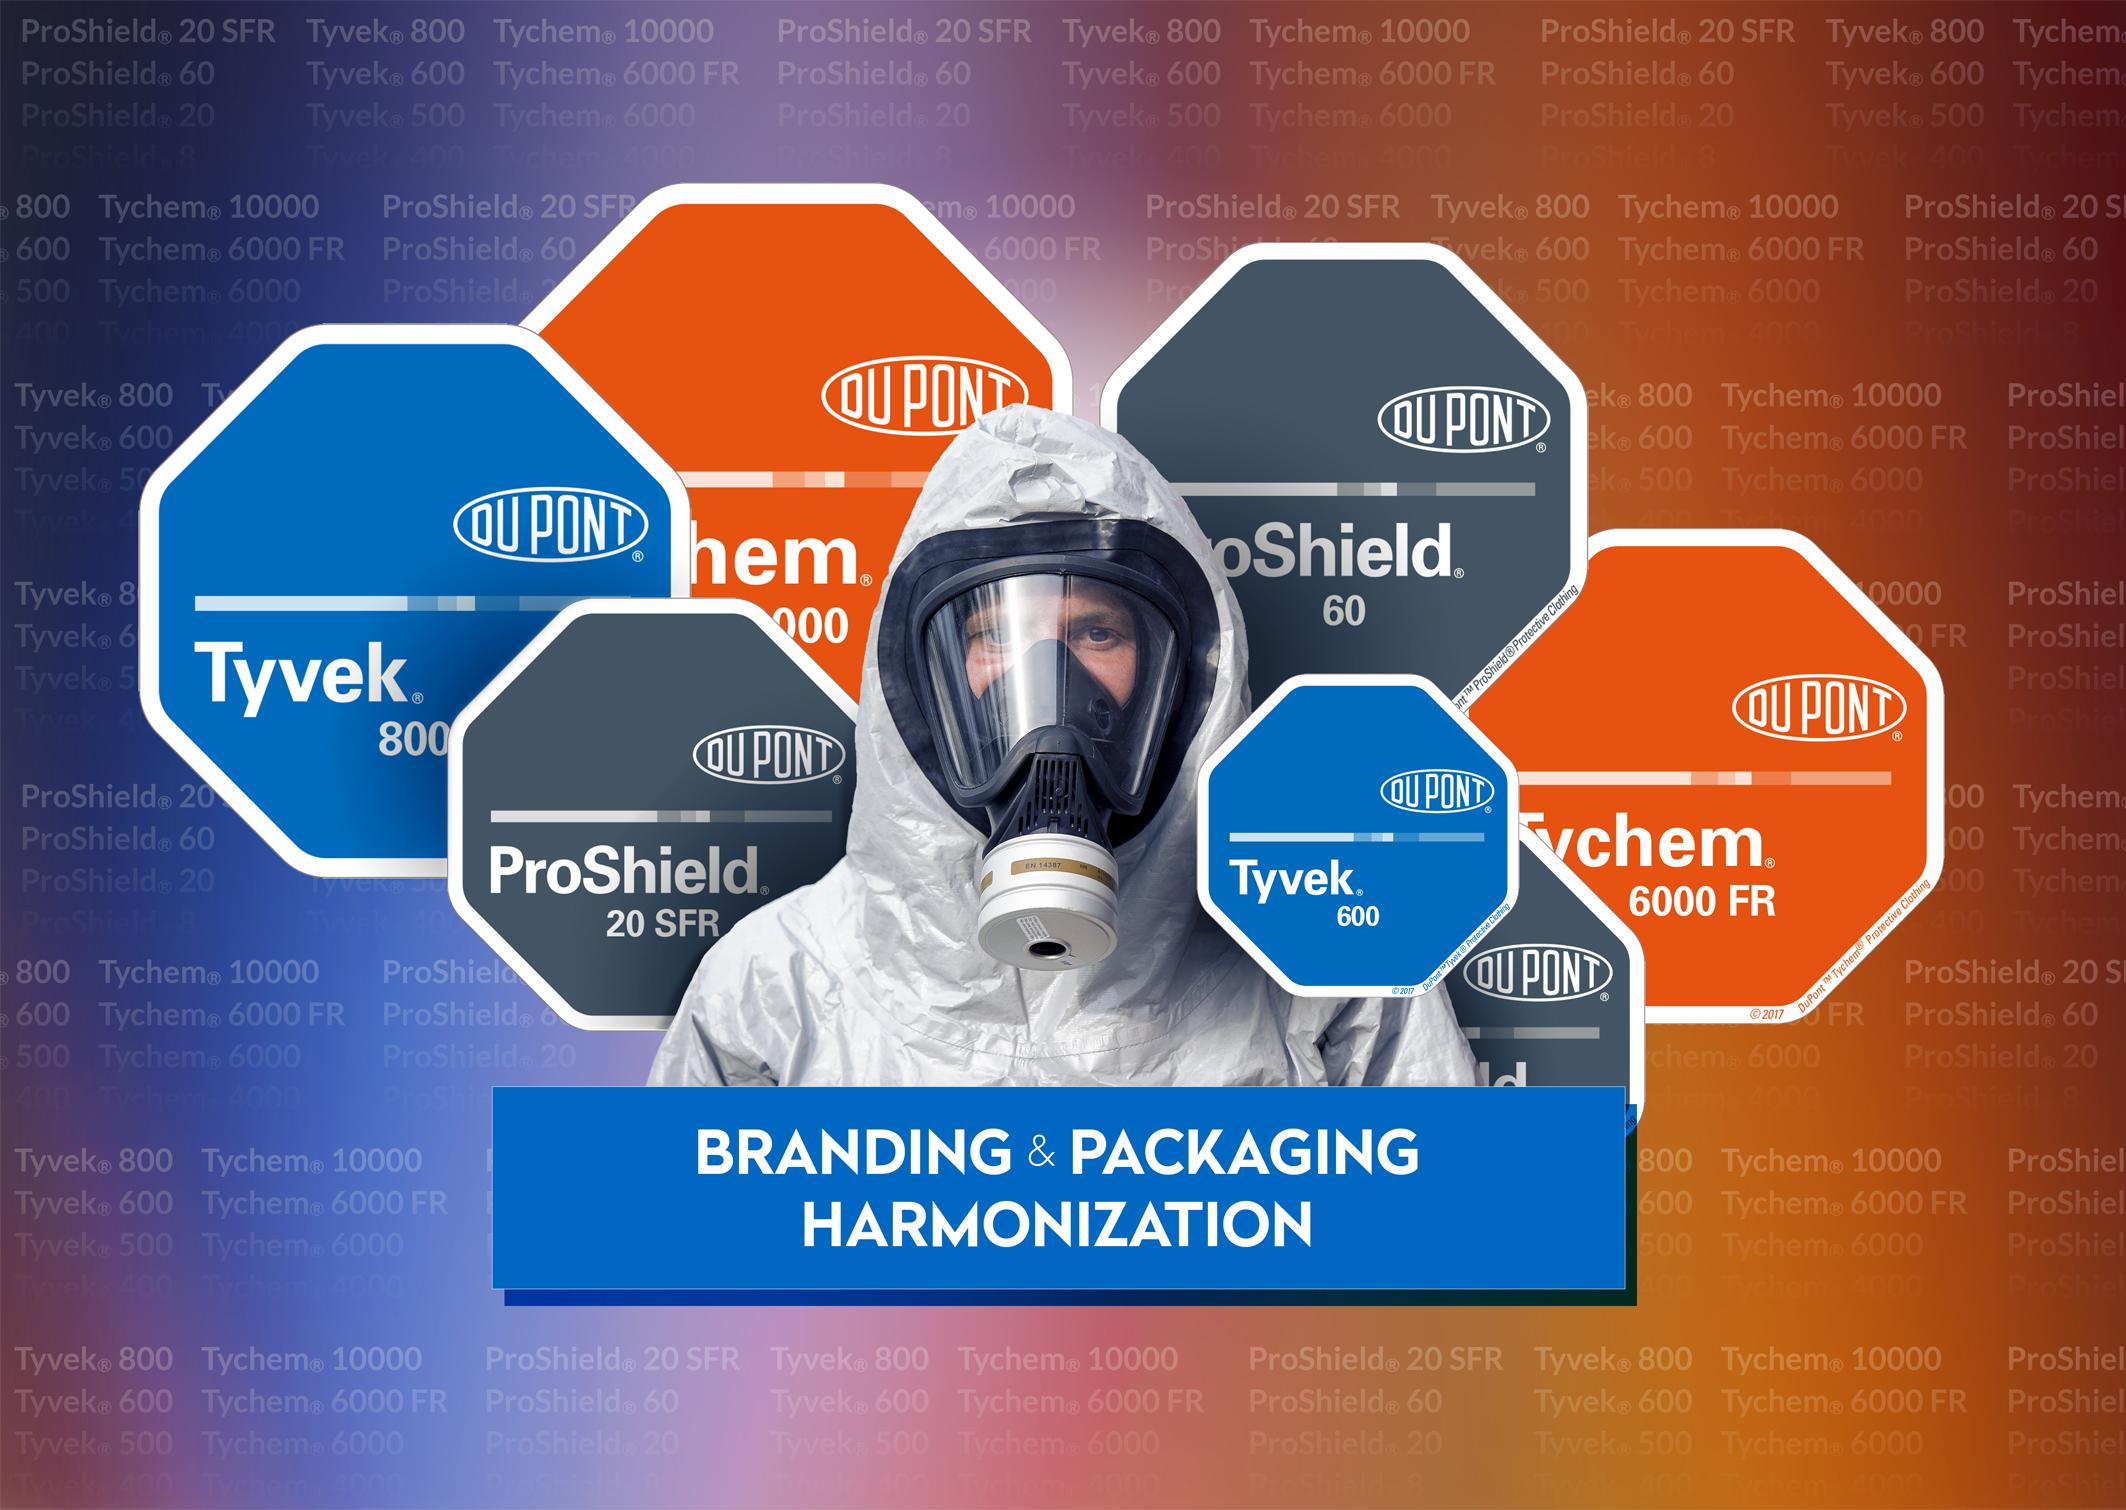 2018 0164 DuPont Rebranding - Neues Branding für Schutzkleidung von DuPont erleichtert Auswahl